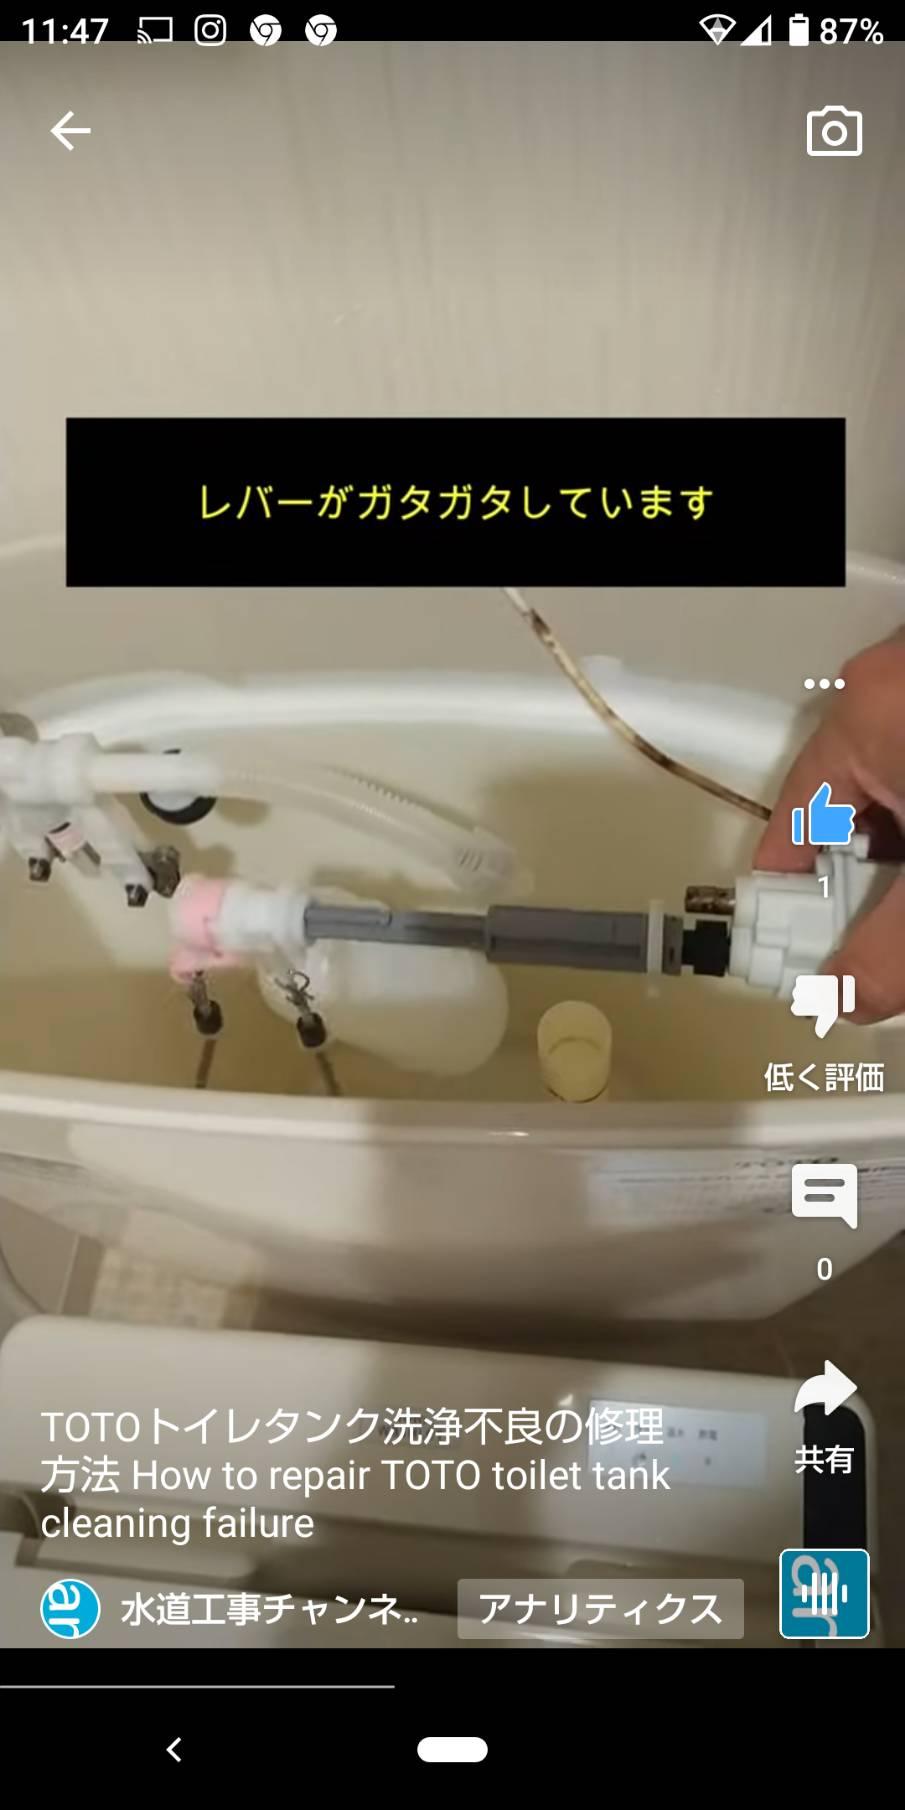 TOTOトイレ洗浄不良